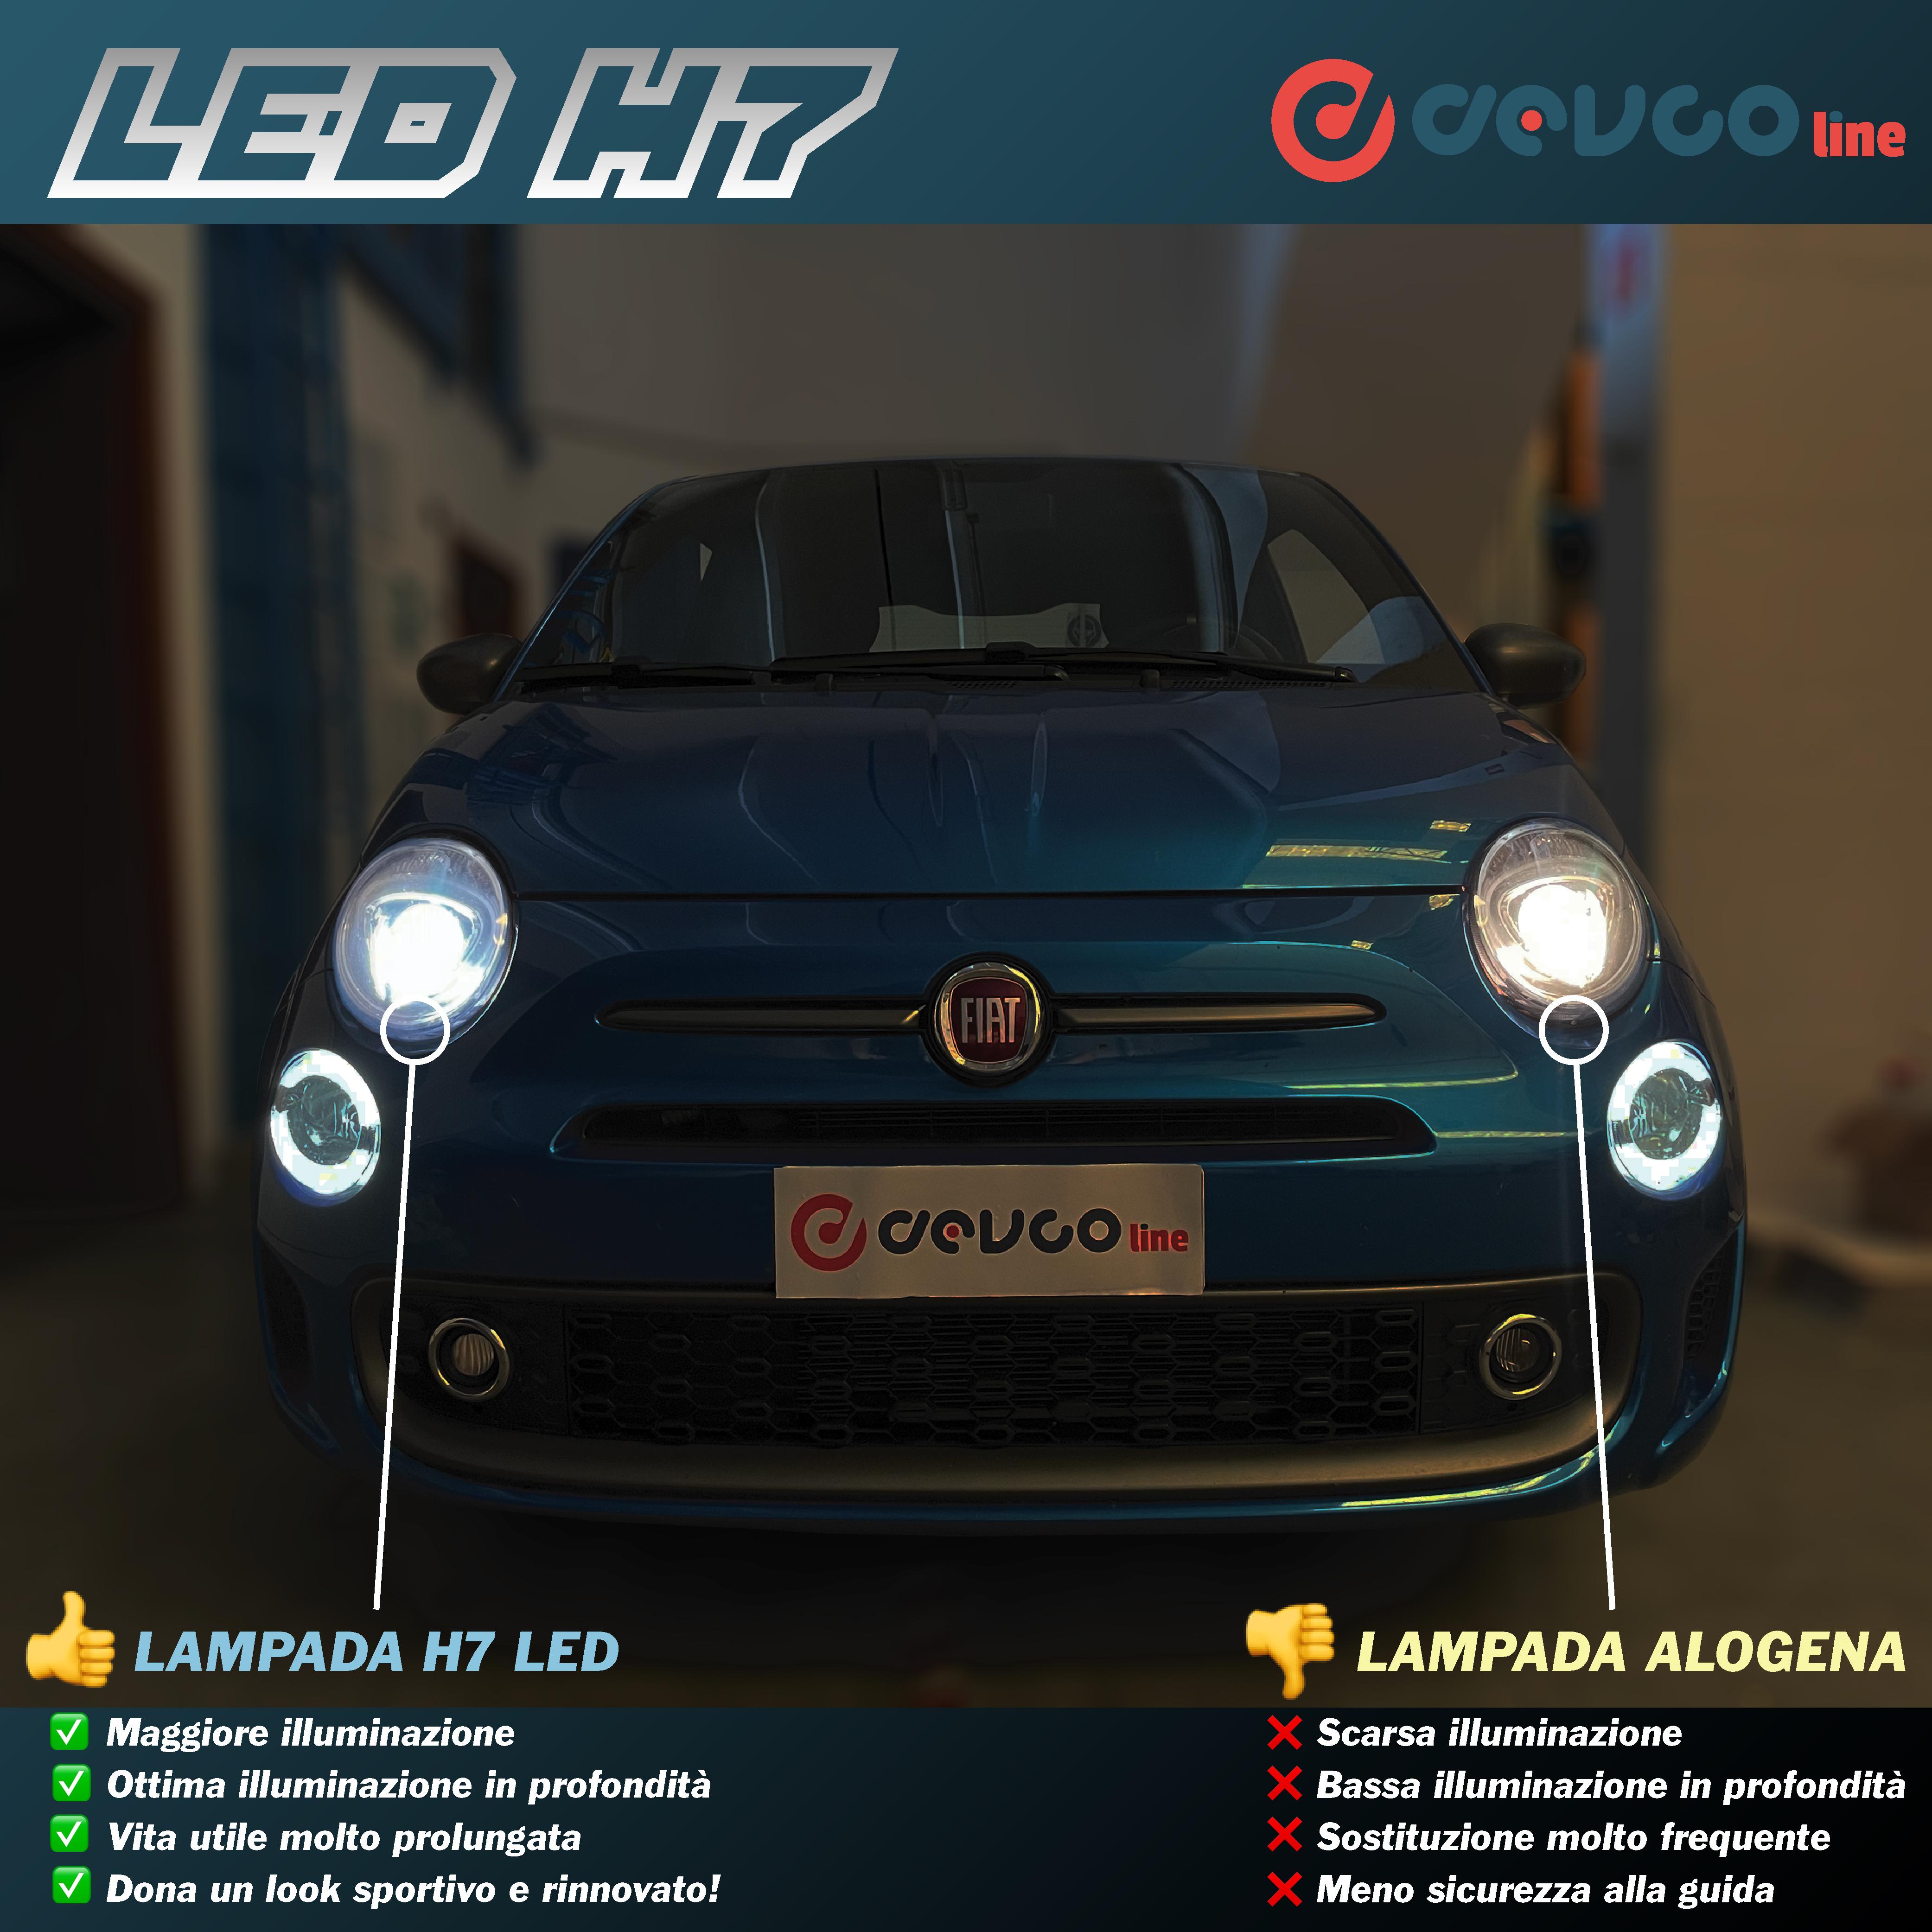 Coppia di lampadine LED H7 con mini centralina - DEVCOline - AR FL 00H7